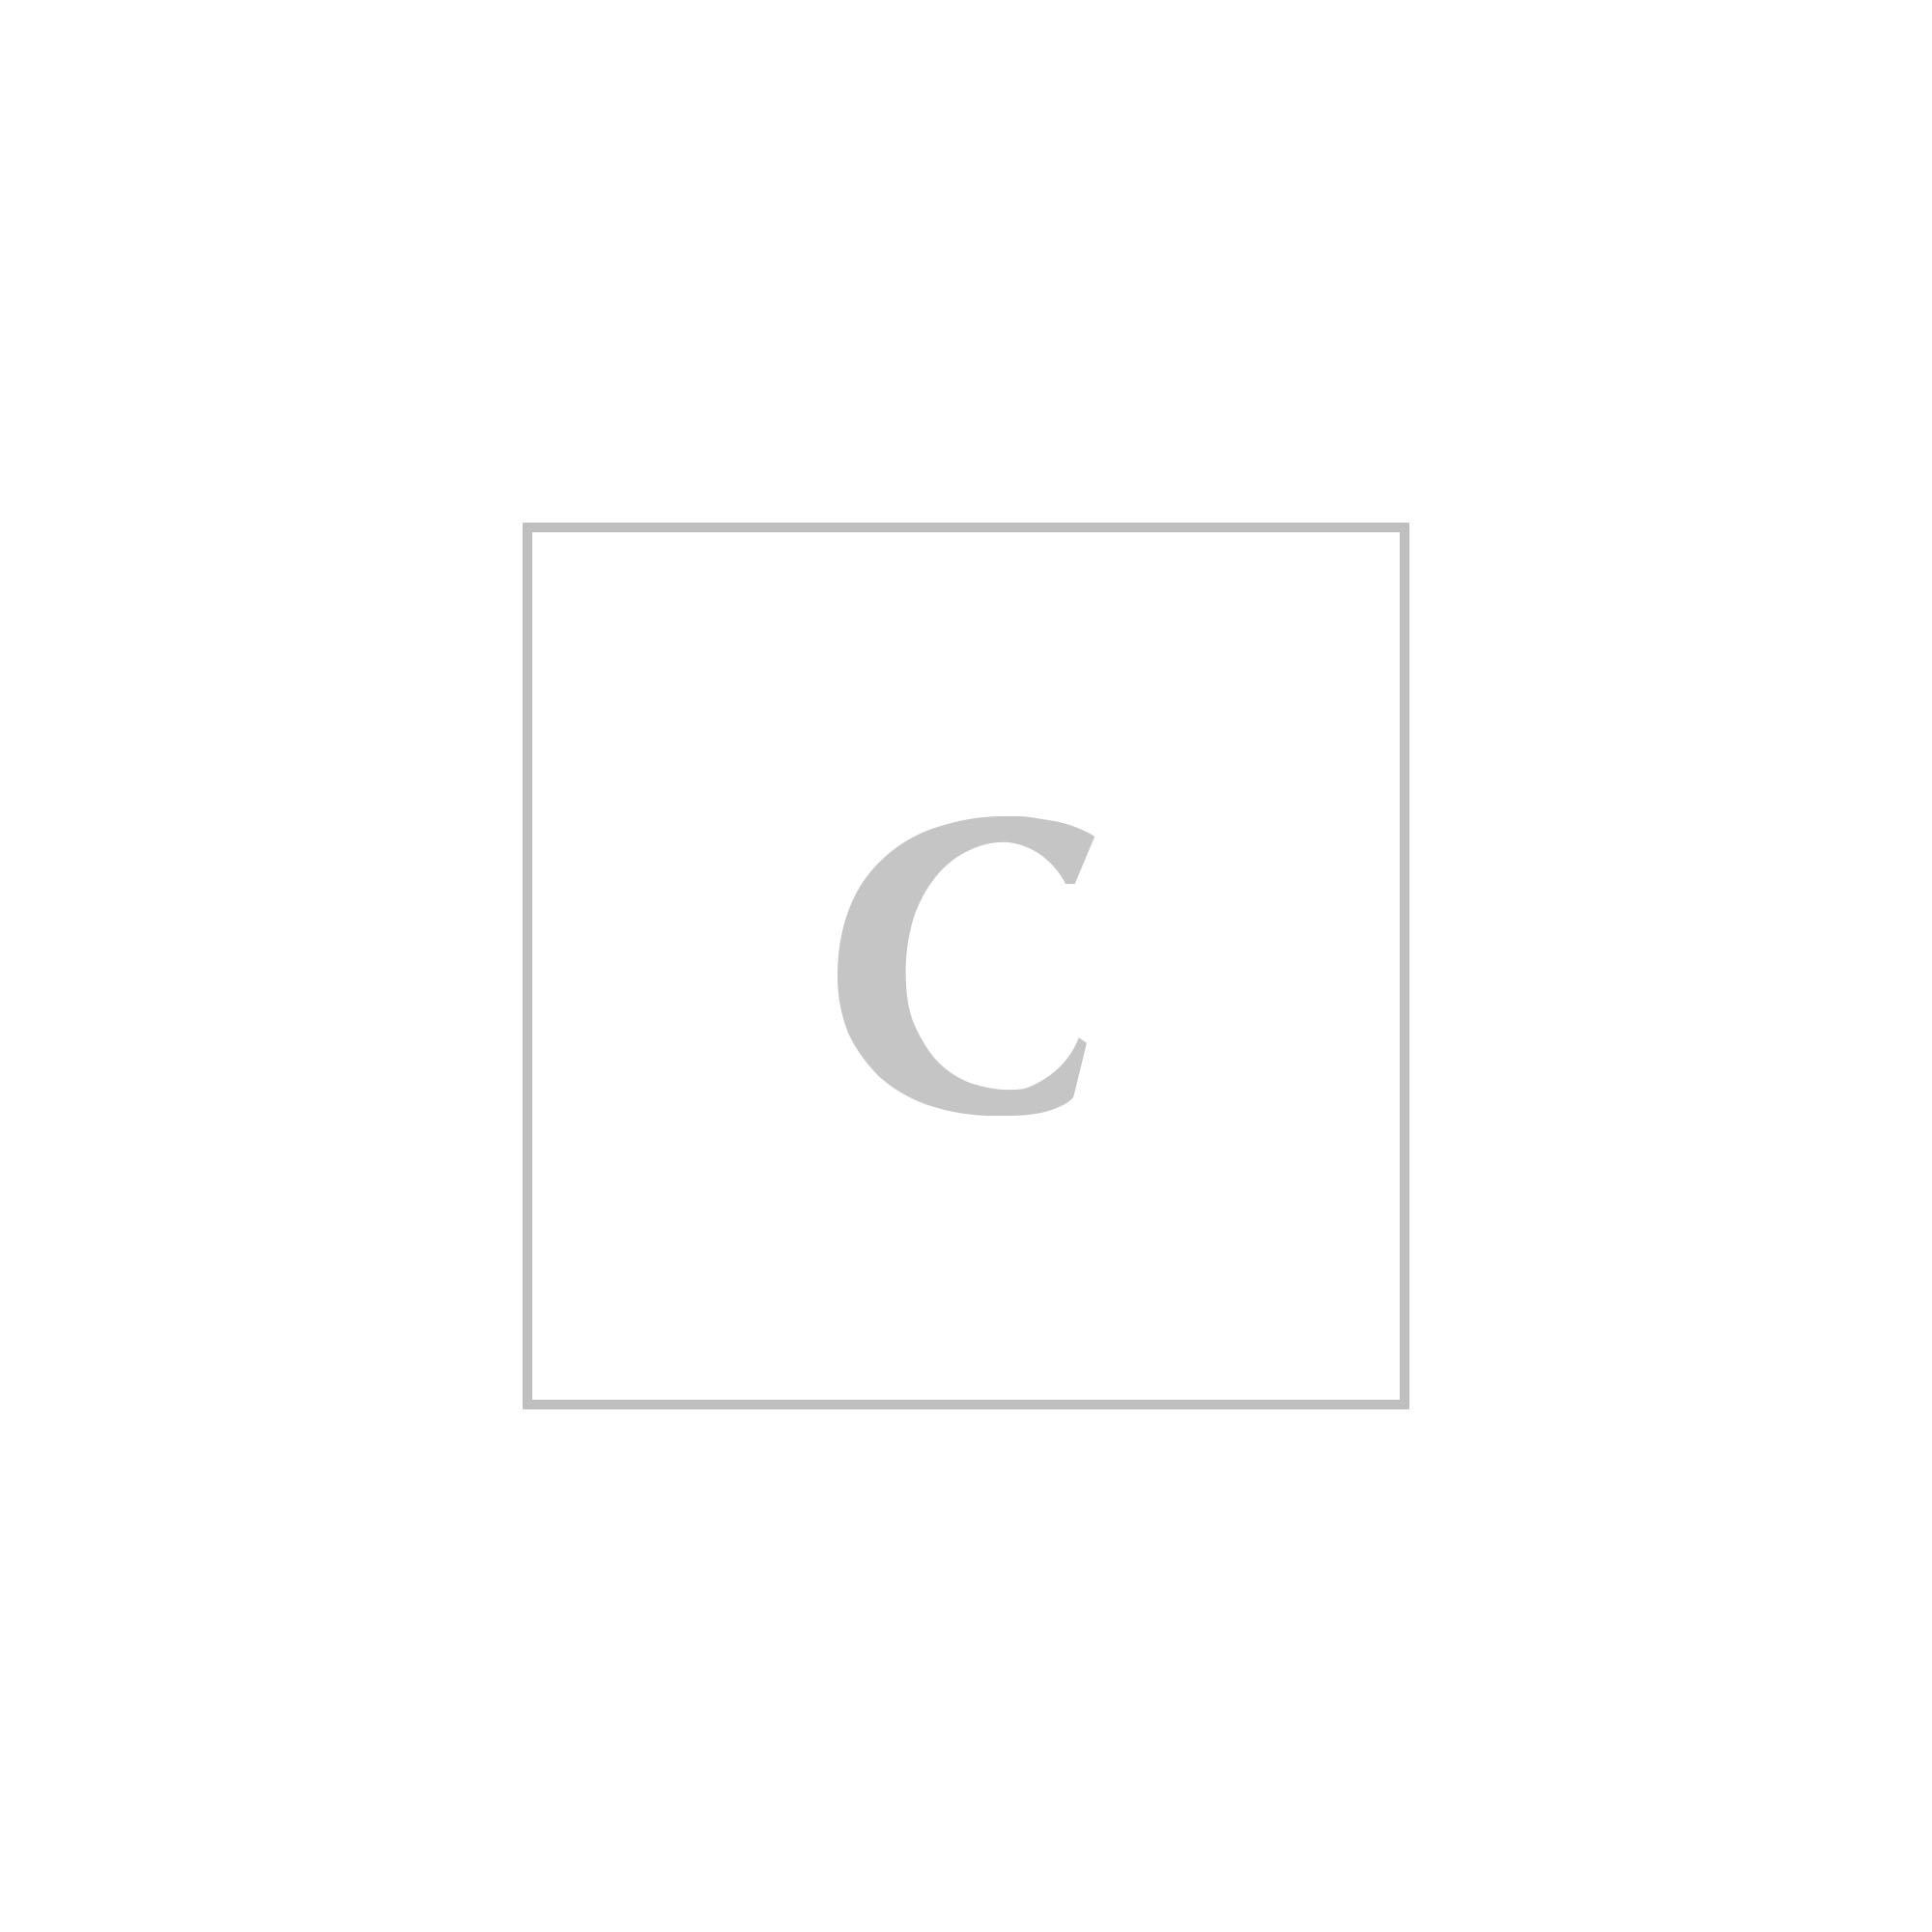 60a174cf9a57 zaini anya-hindmarch nero 182650aza000003-black-6.jpg